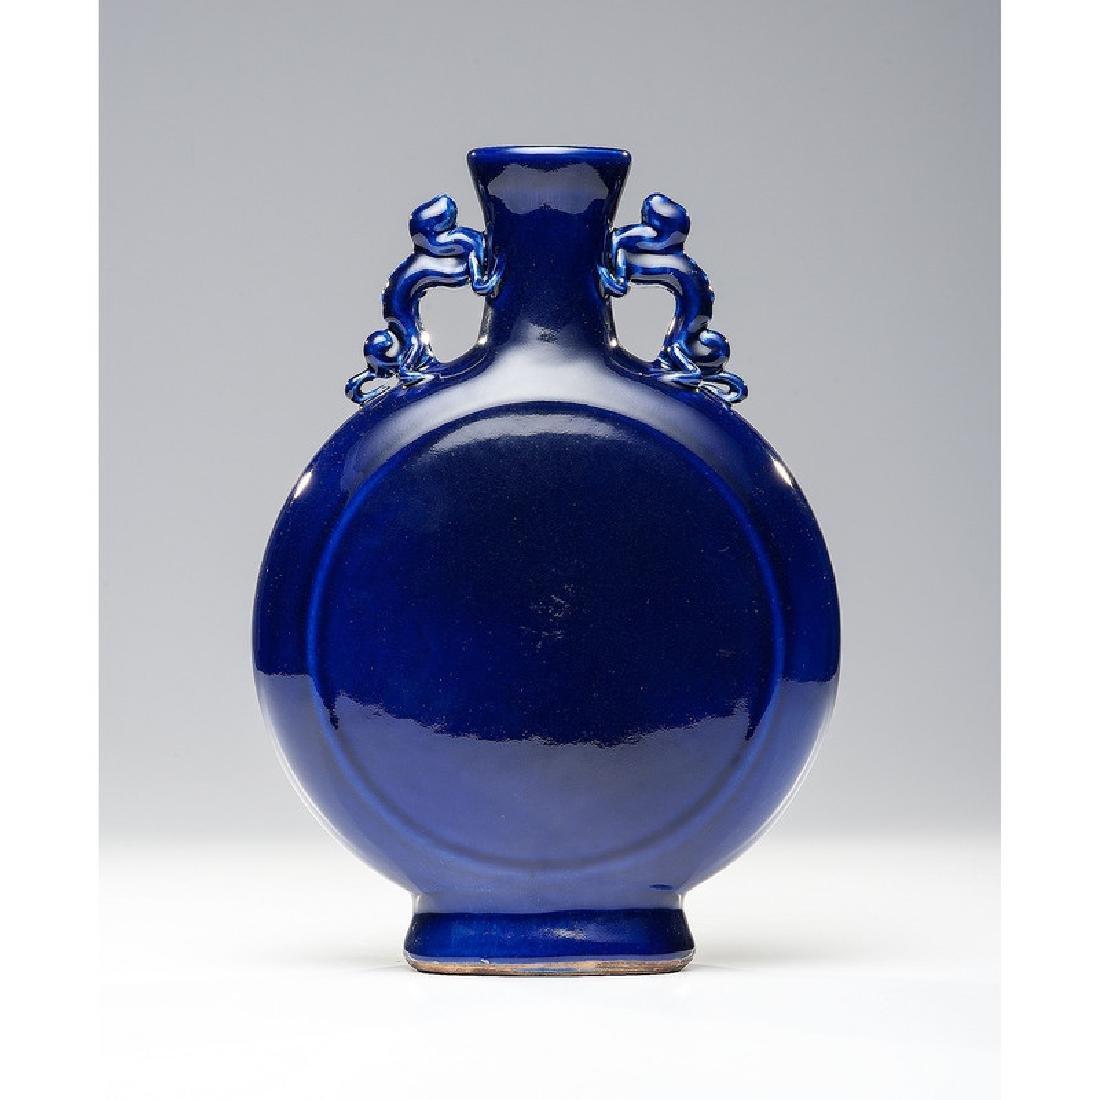 Chinese Porcelain Blue Flask Form Vase - 2